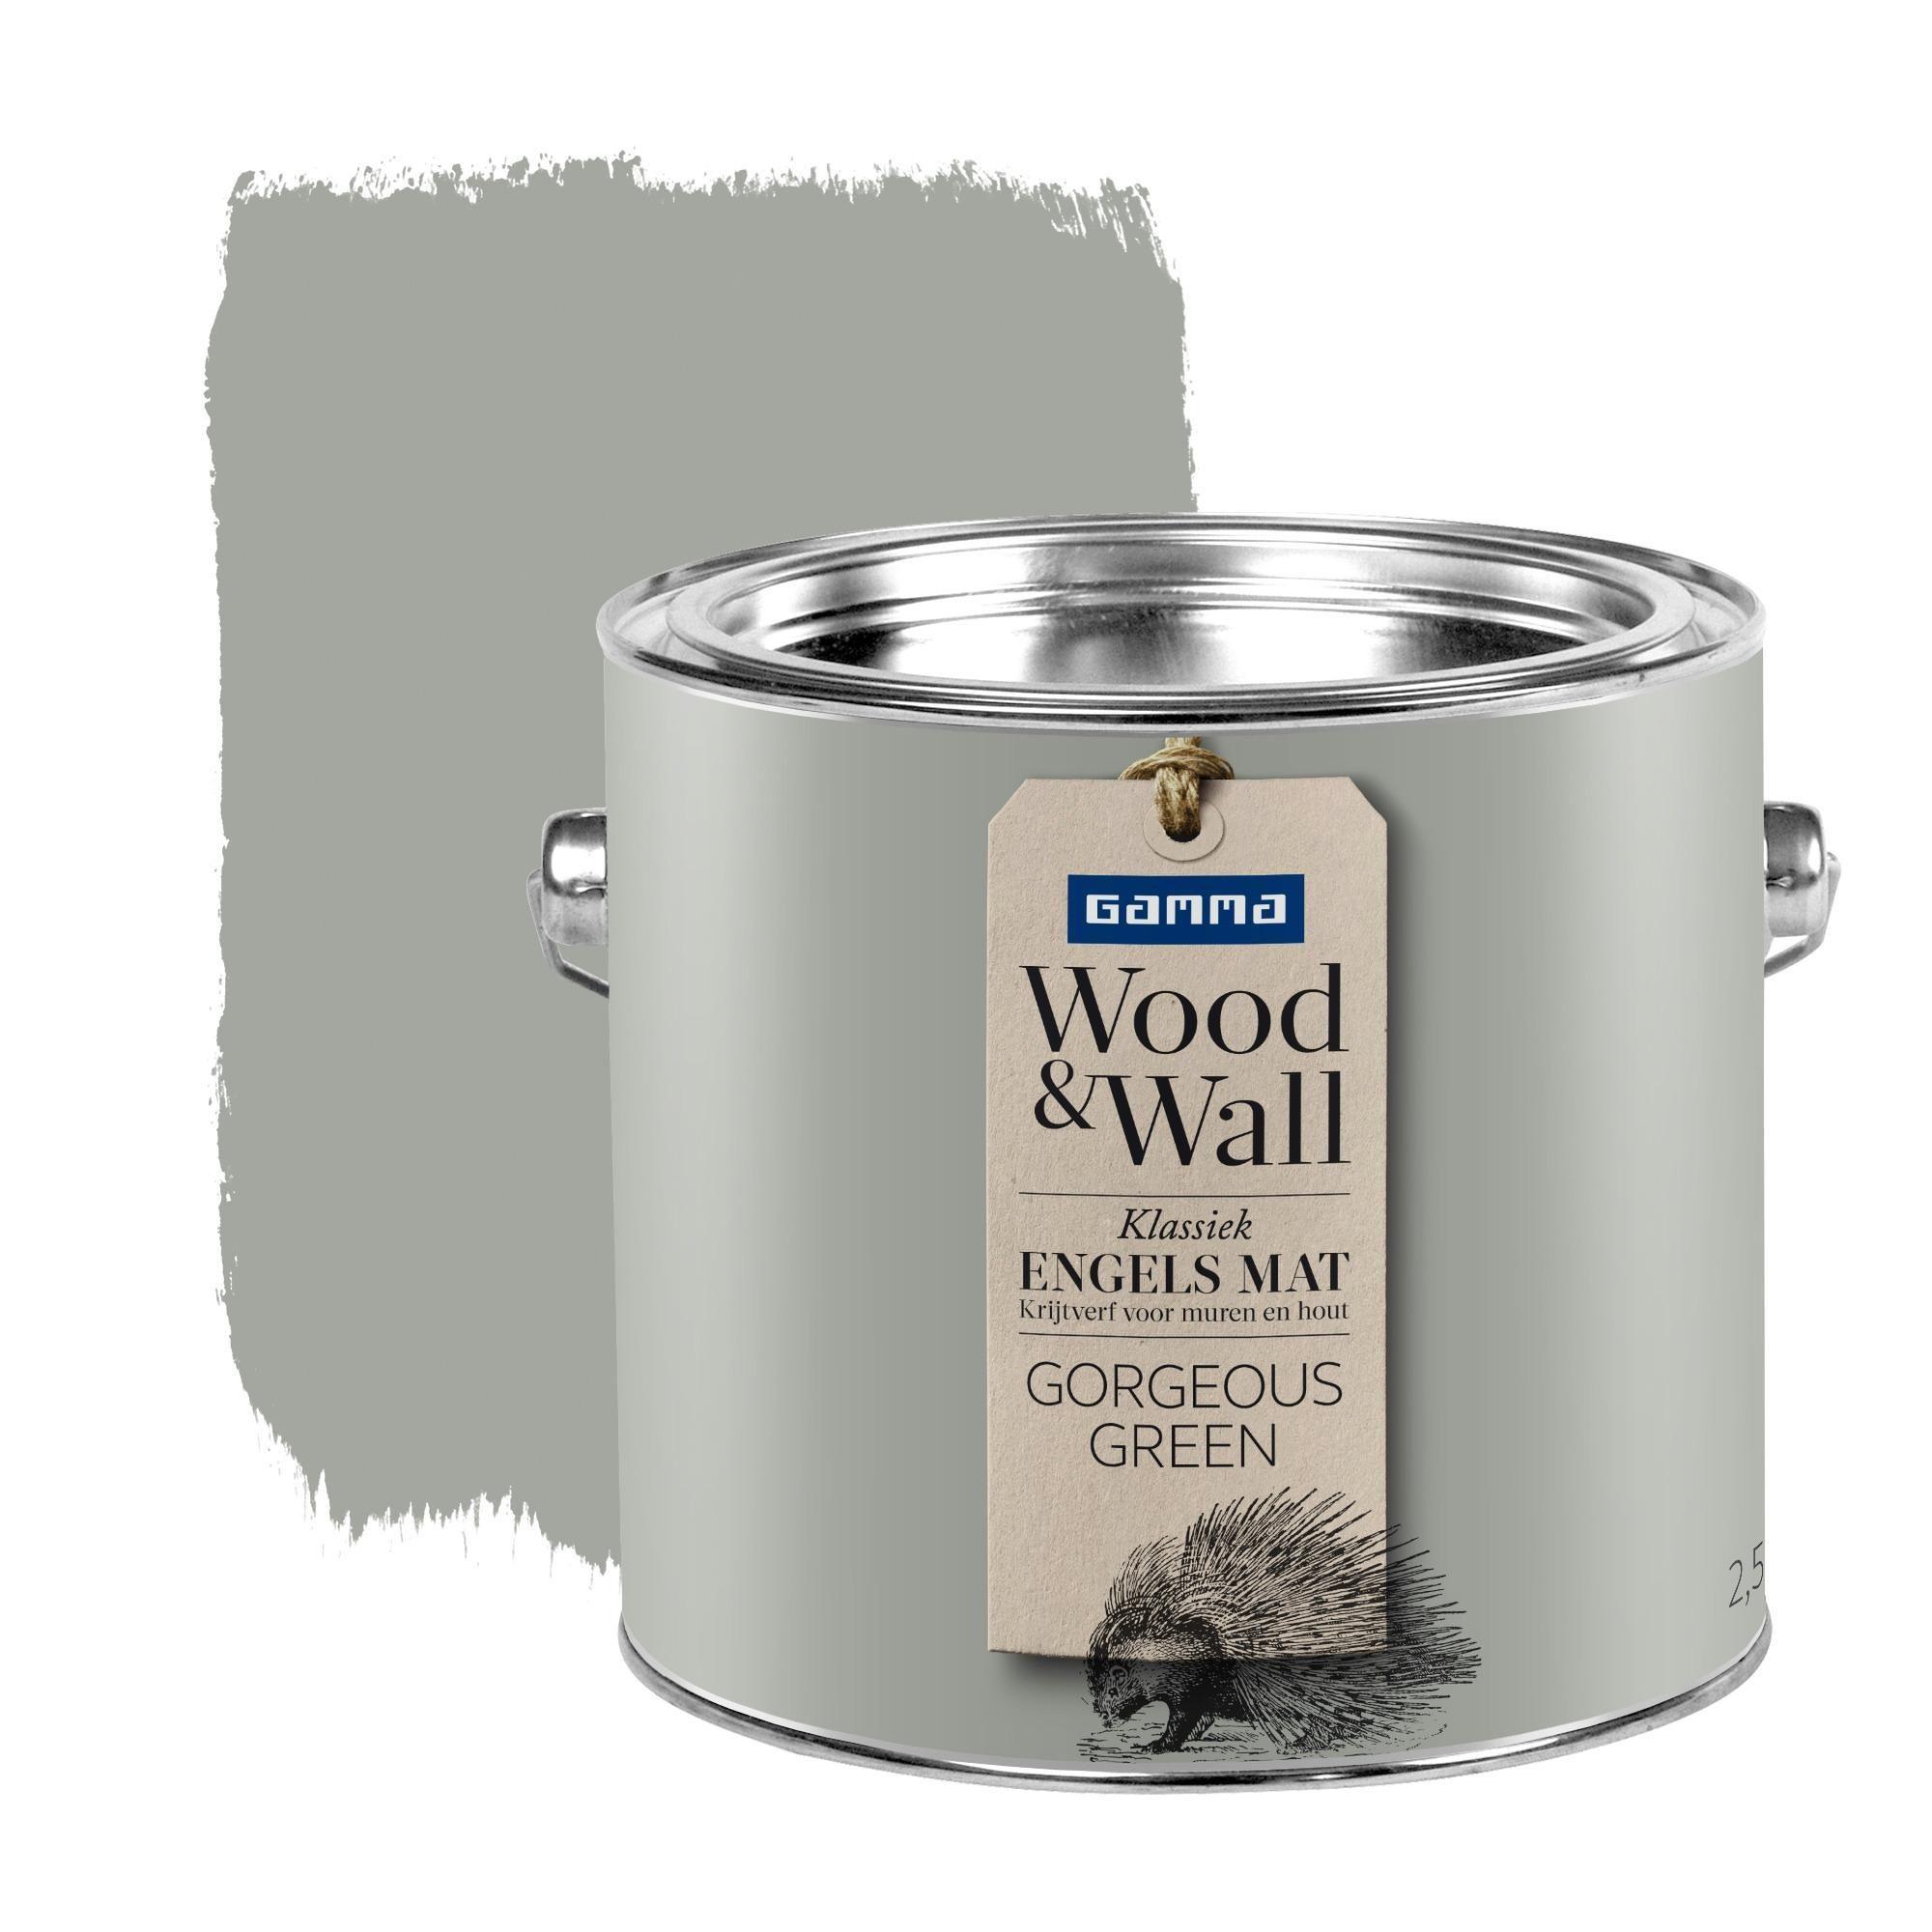 Gamma Wood&Wall Green Houten muur, Krijtverf